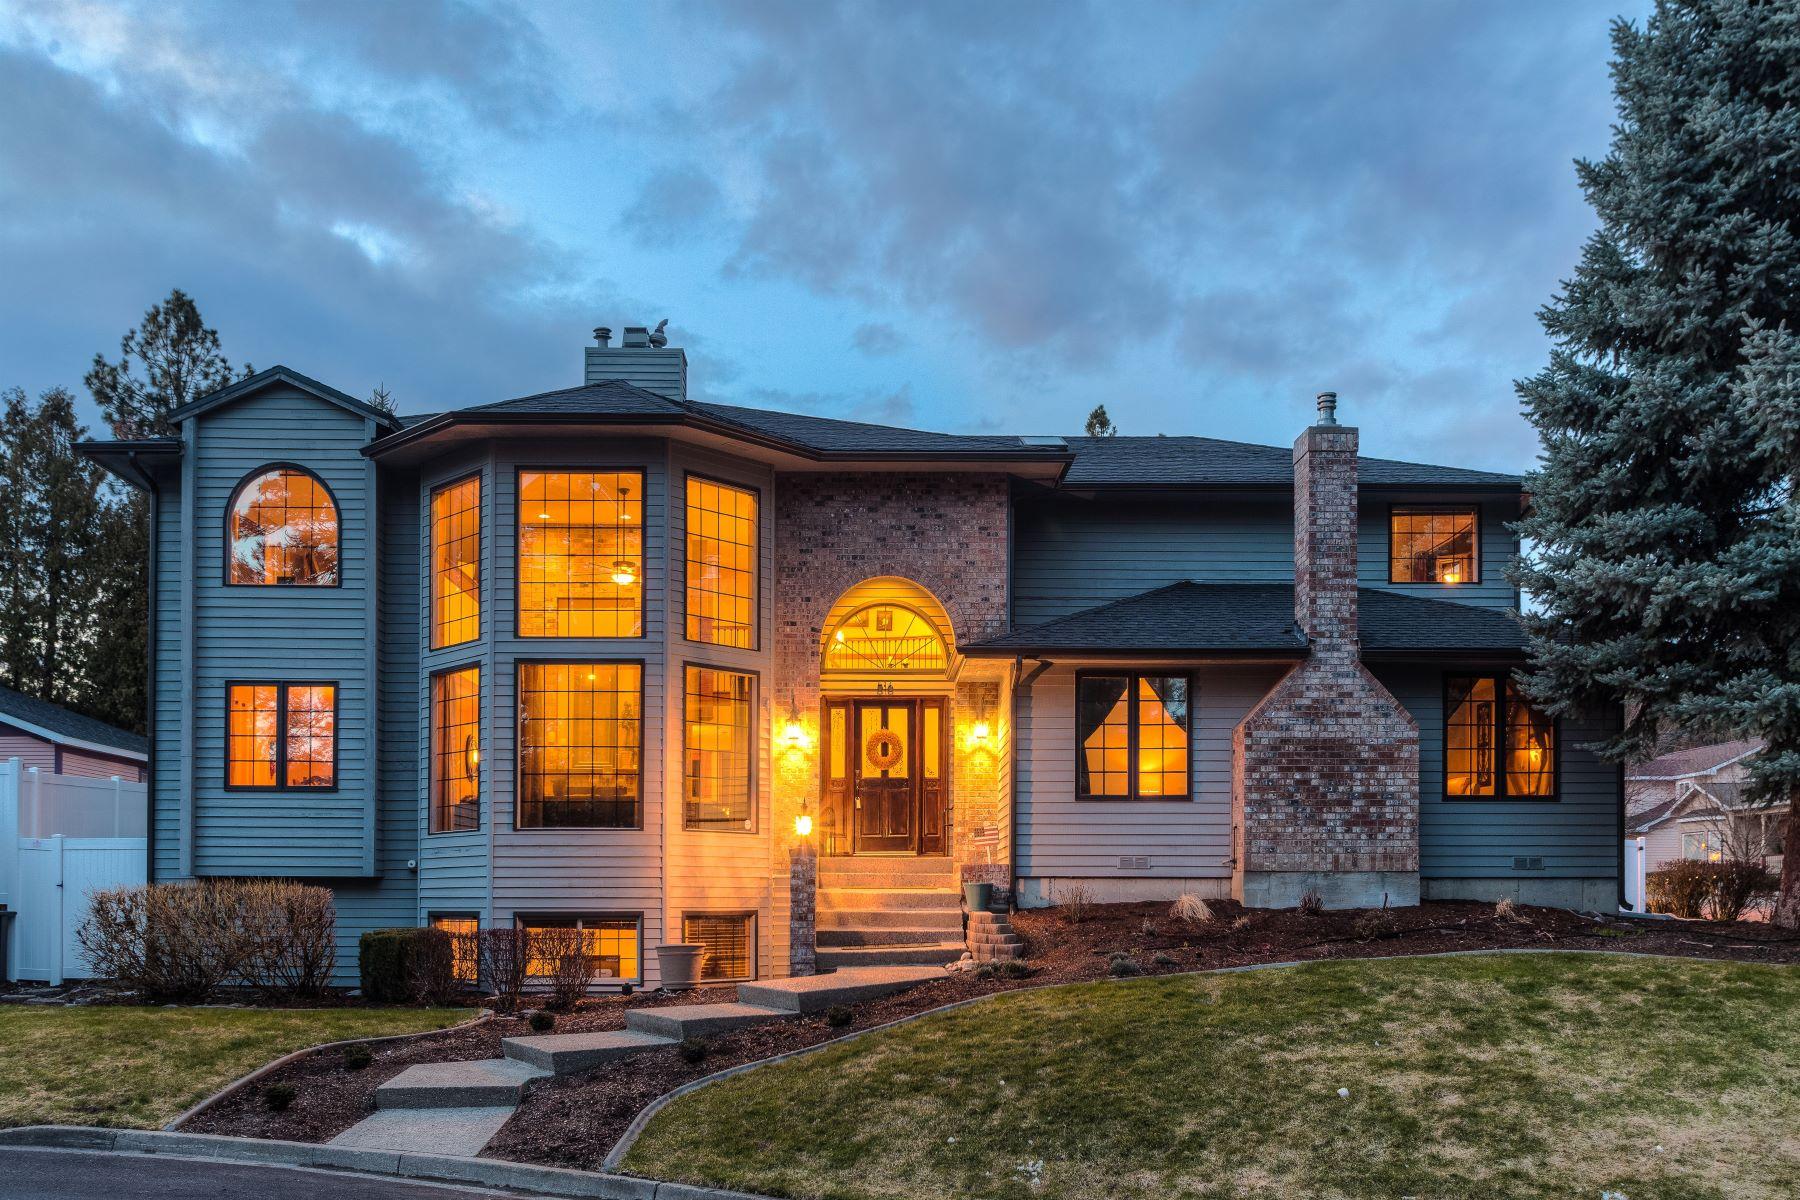 단독 가정 주택 용 매매 에 516 S Shore Pines Rd Post Falls, 아이다호, 83854 미국